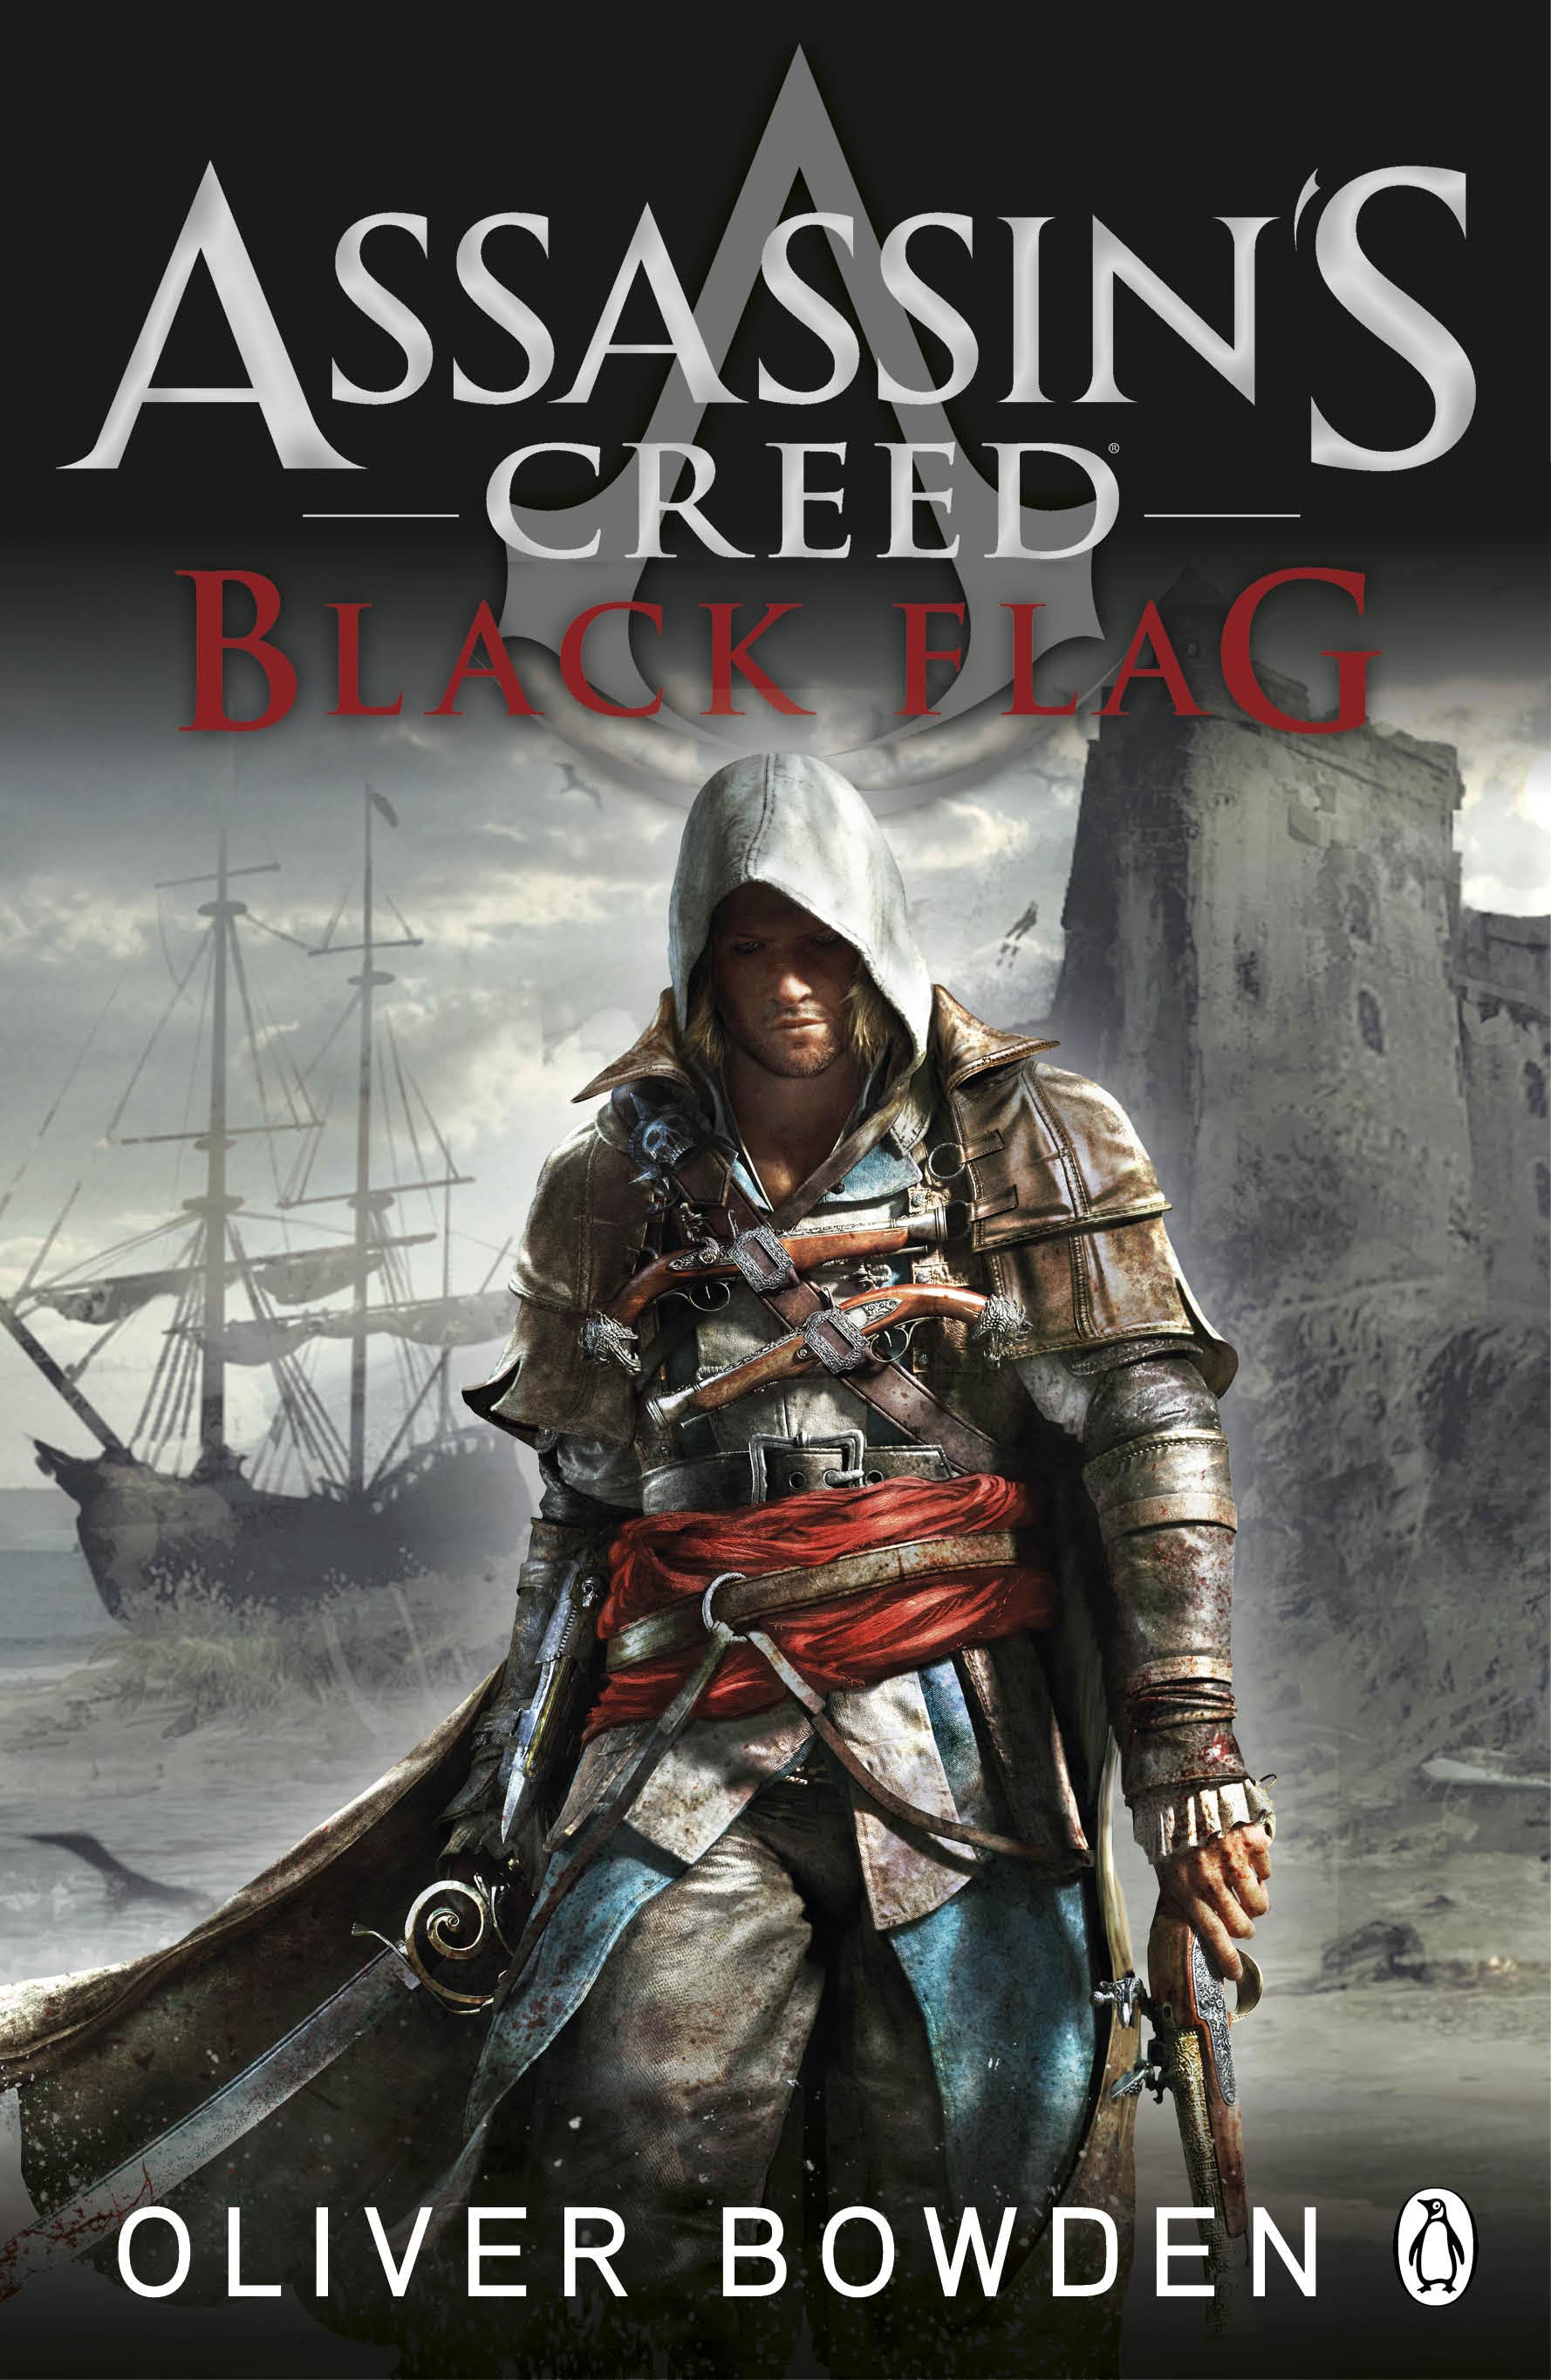 Der offizielle Roman zum Spiel. (Foto: Ubisoft)